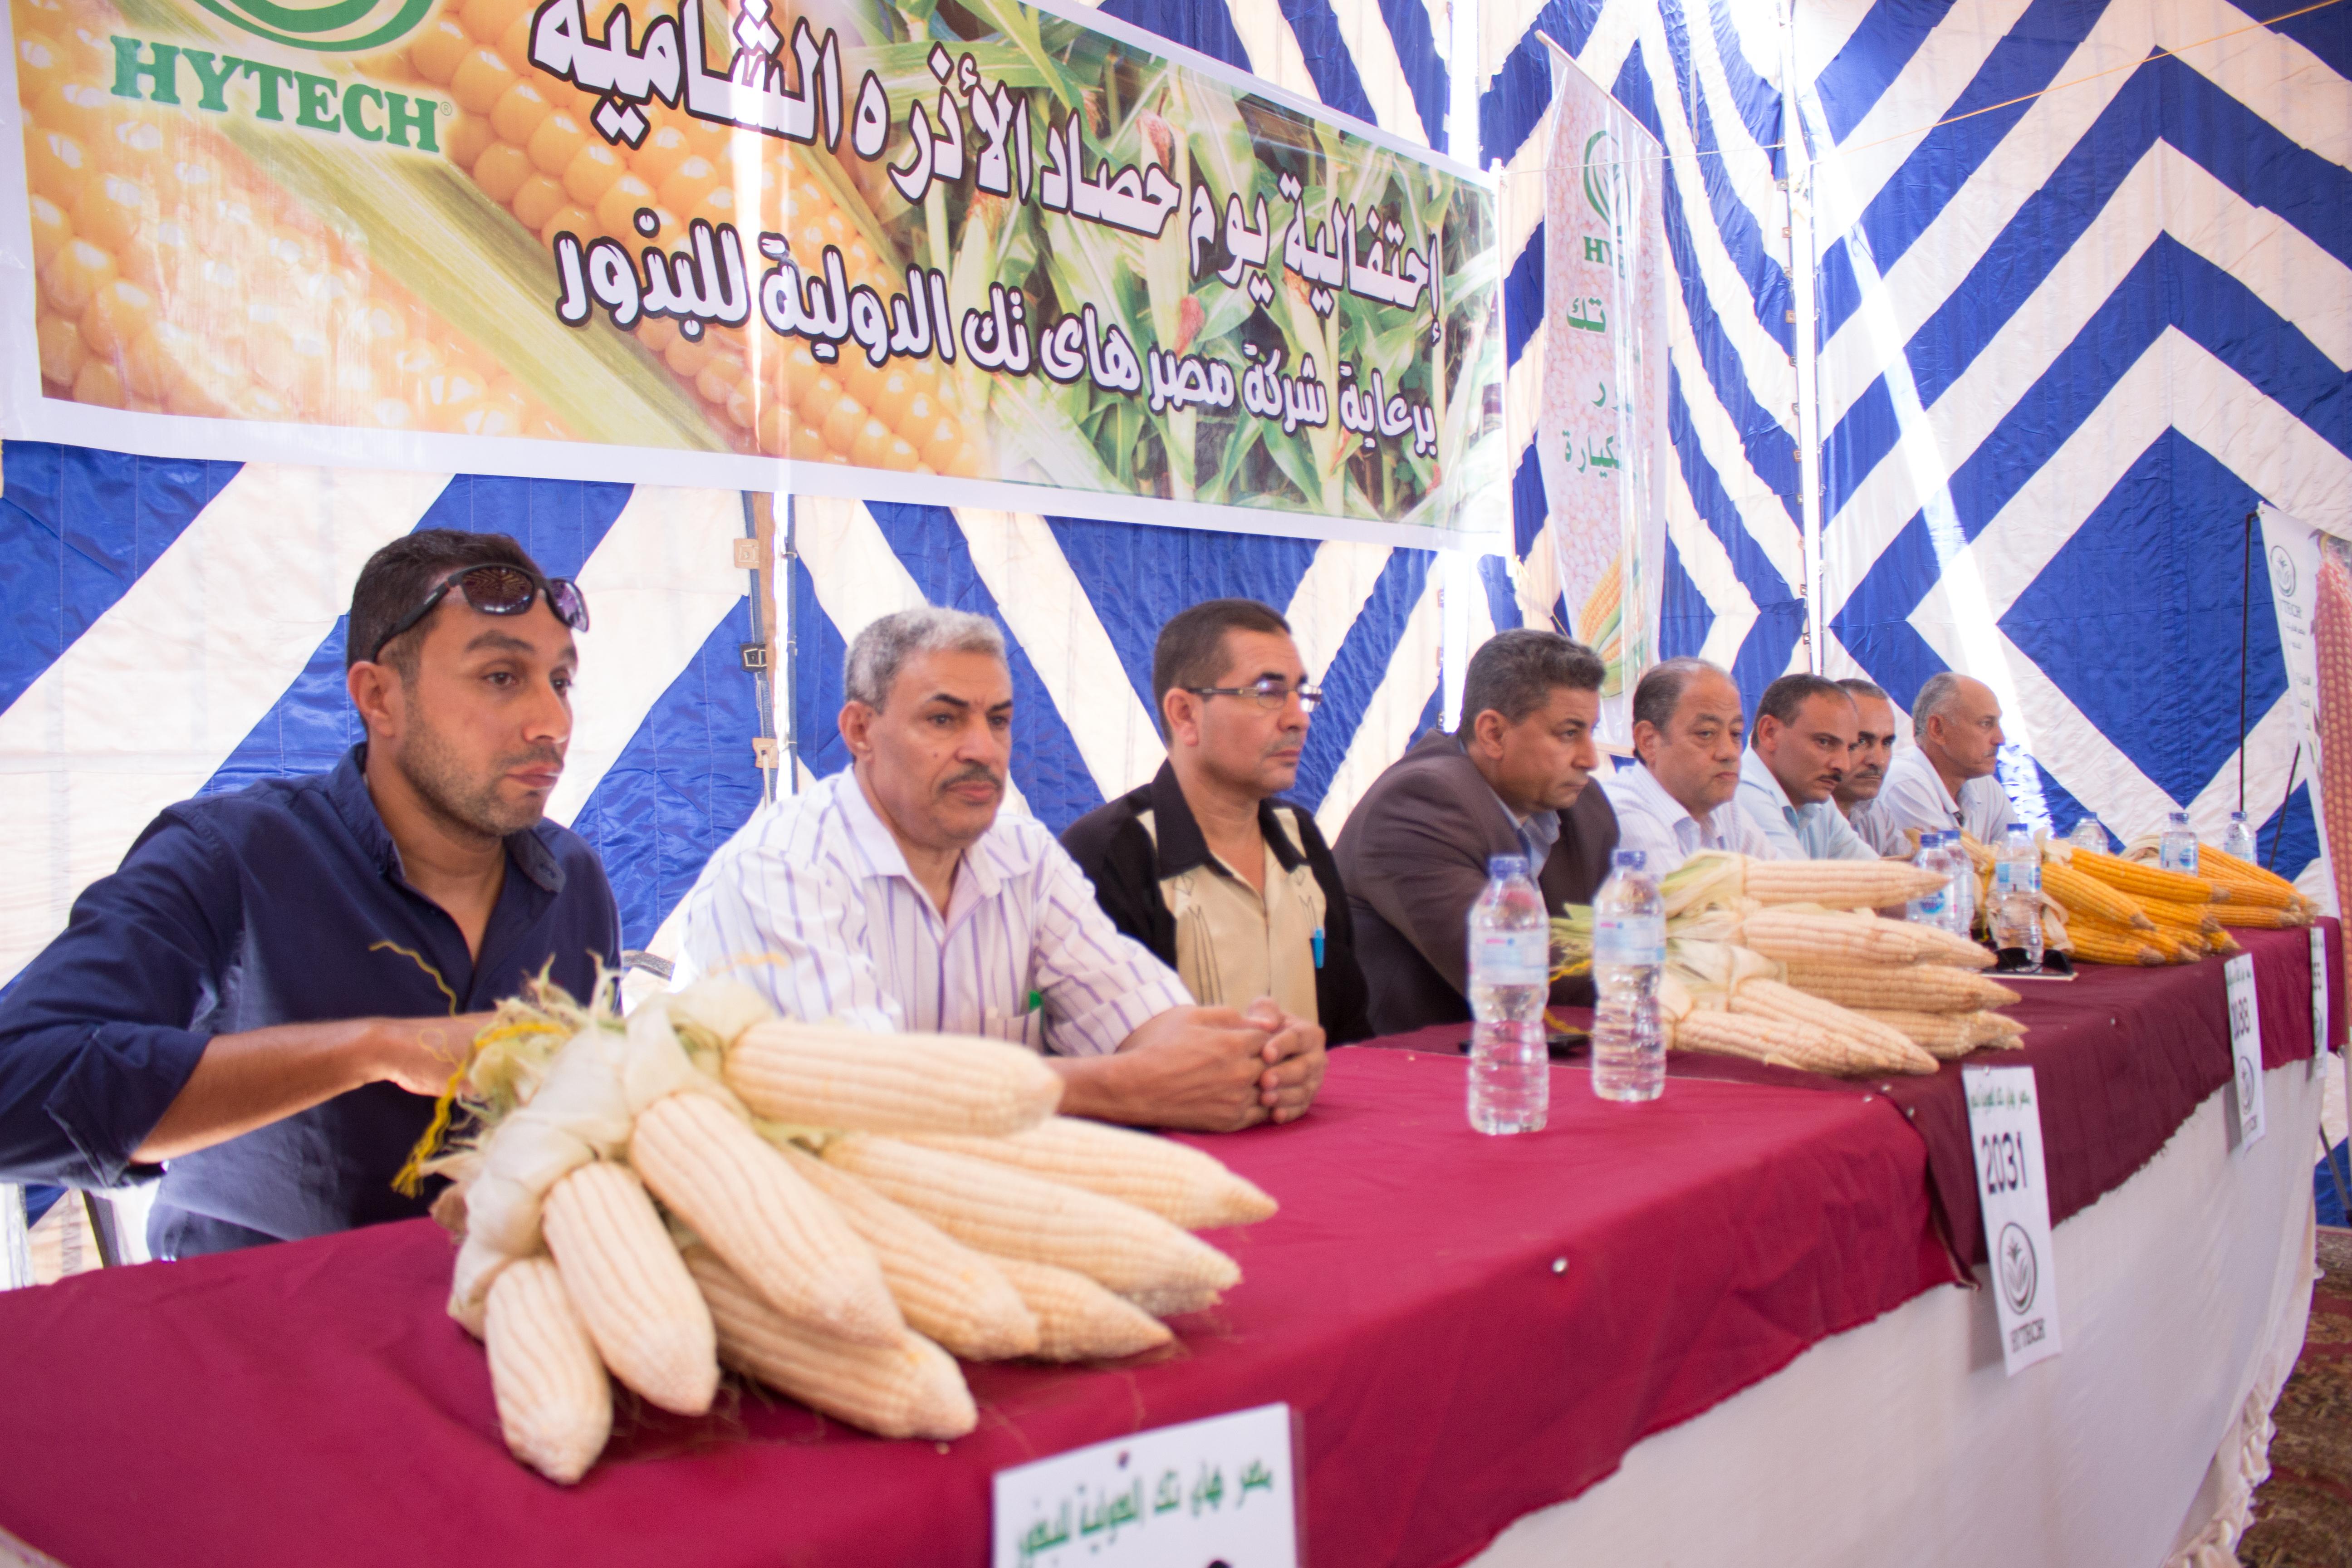 صورة بعد أن وجدوا الكنز في الشيكارة  حشود غفيرة من مزارعو الذرة يشاركون مصر هايتك الدولية إحتفالاتها بيوم الحصاد في محافظات مصر